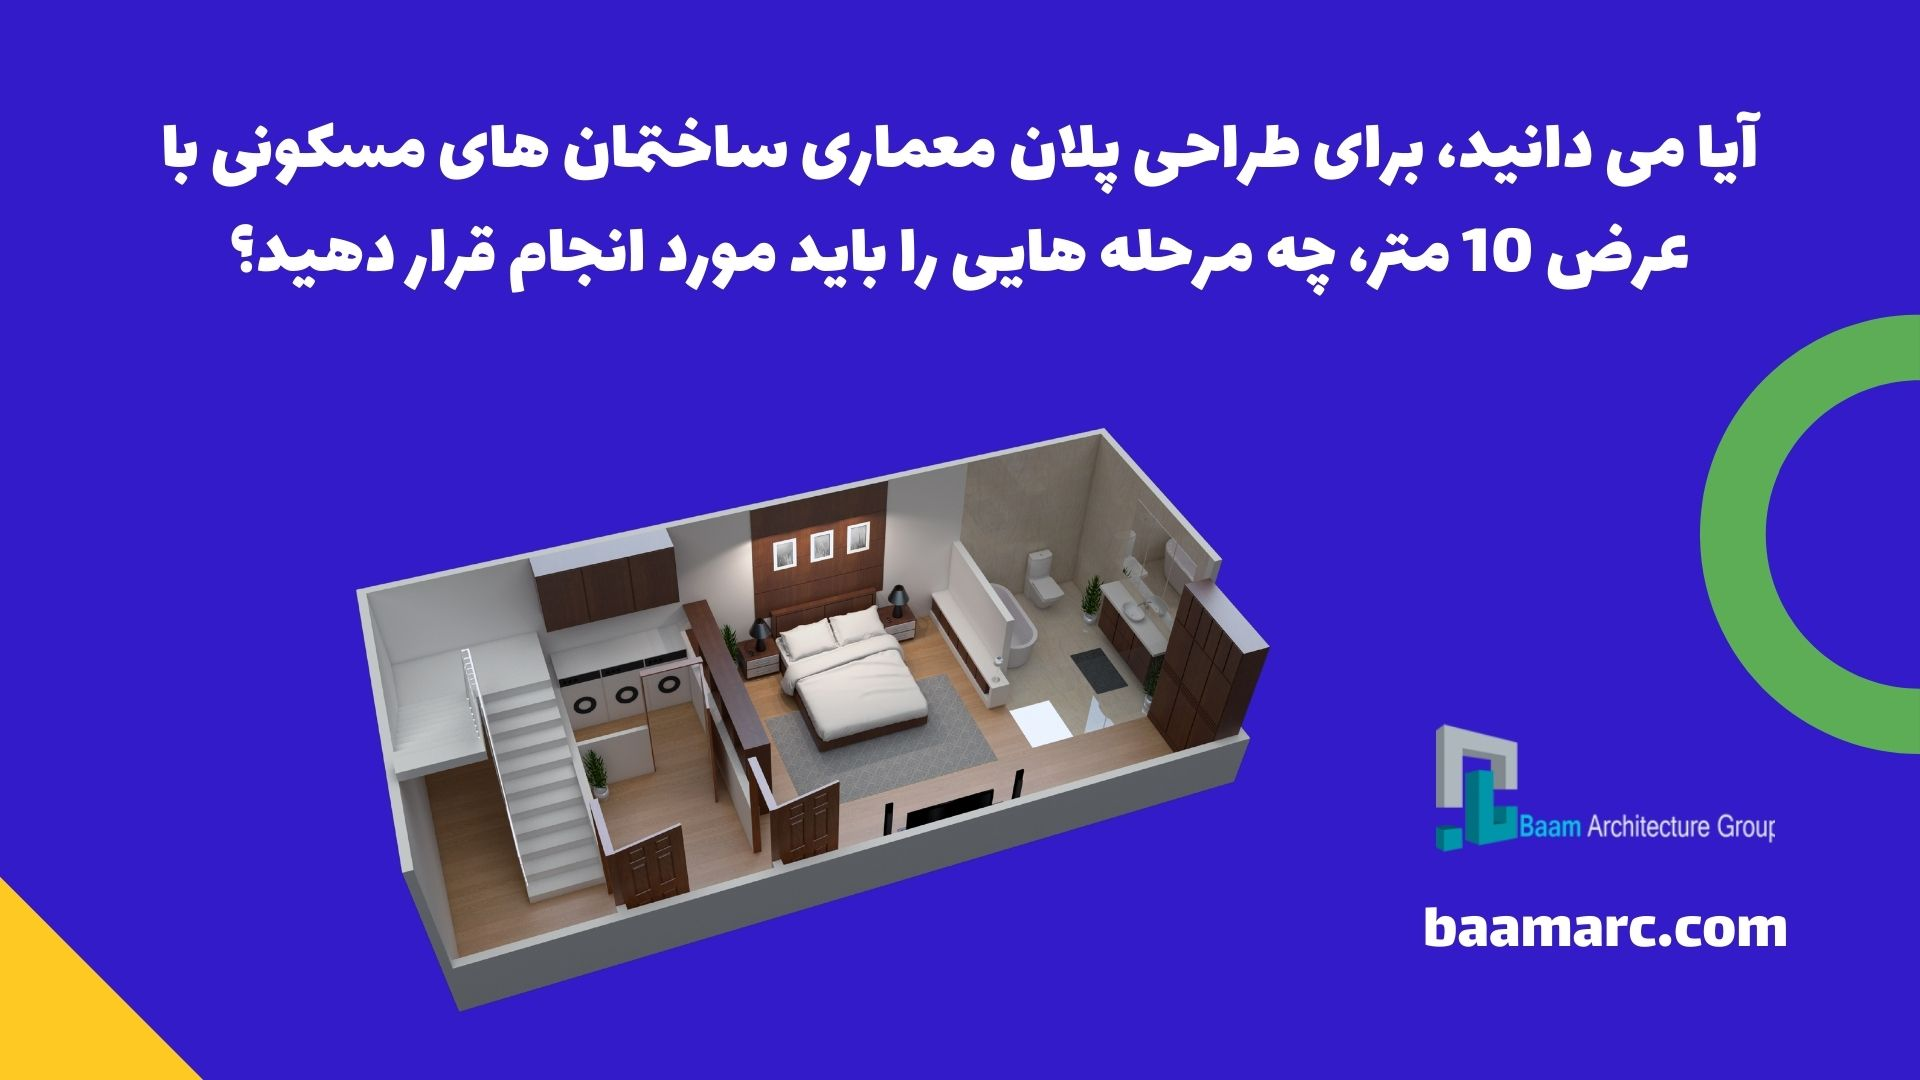 آیا می دانید، برای طراحی پلان معماری ساختمان های مسکونی با عرض 10 متر، چه مرحله هایی را باید مورد انجام قرار دهید؟